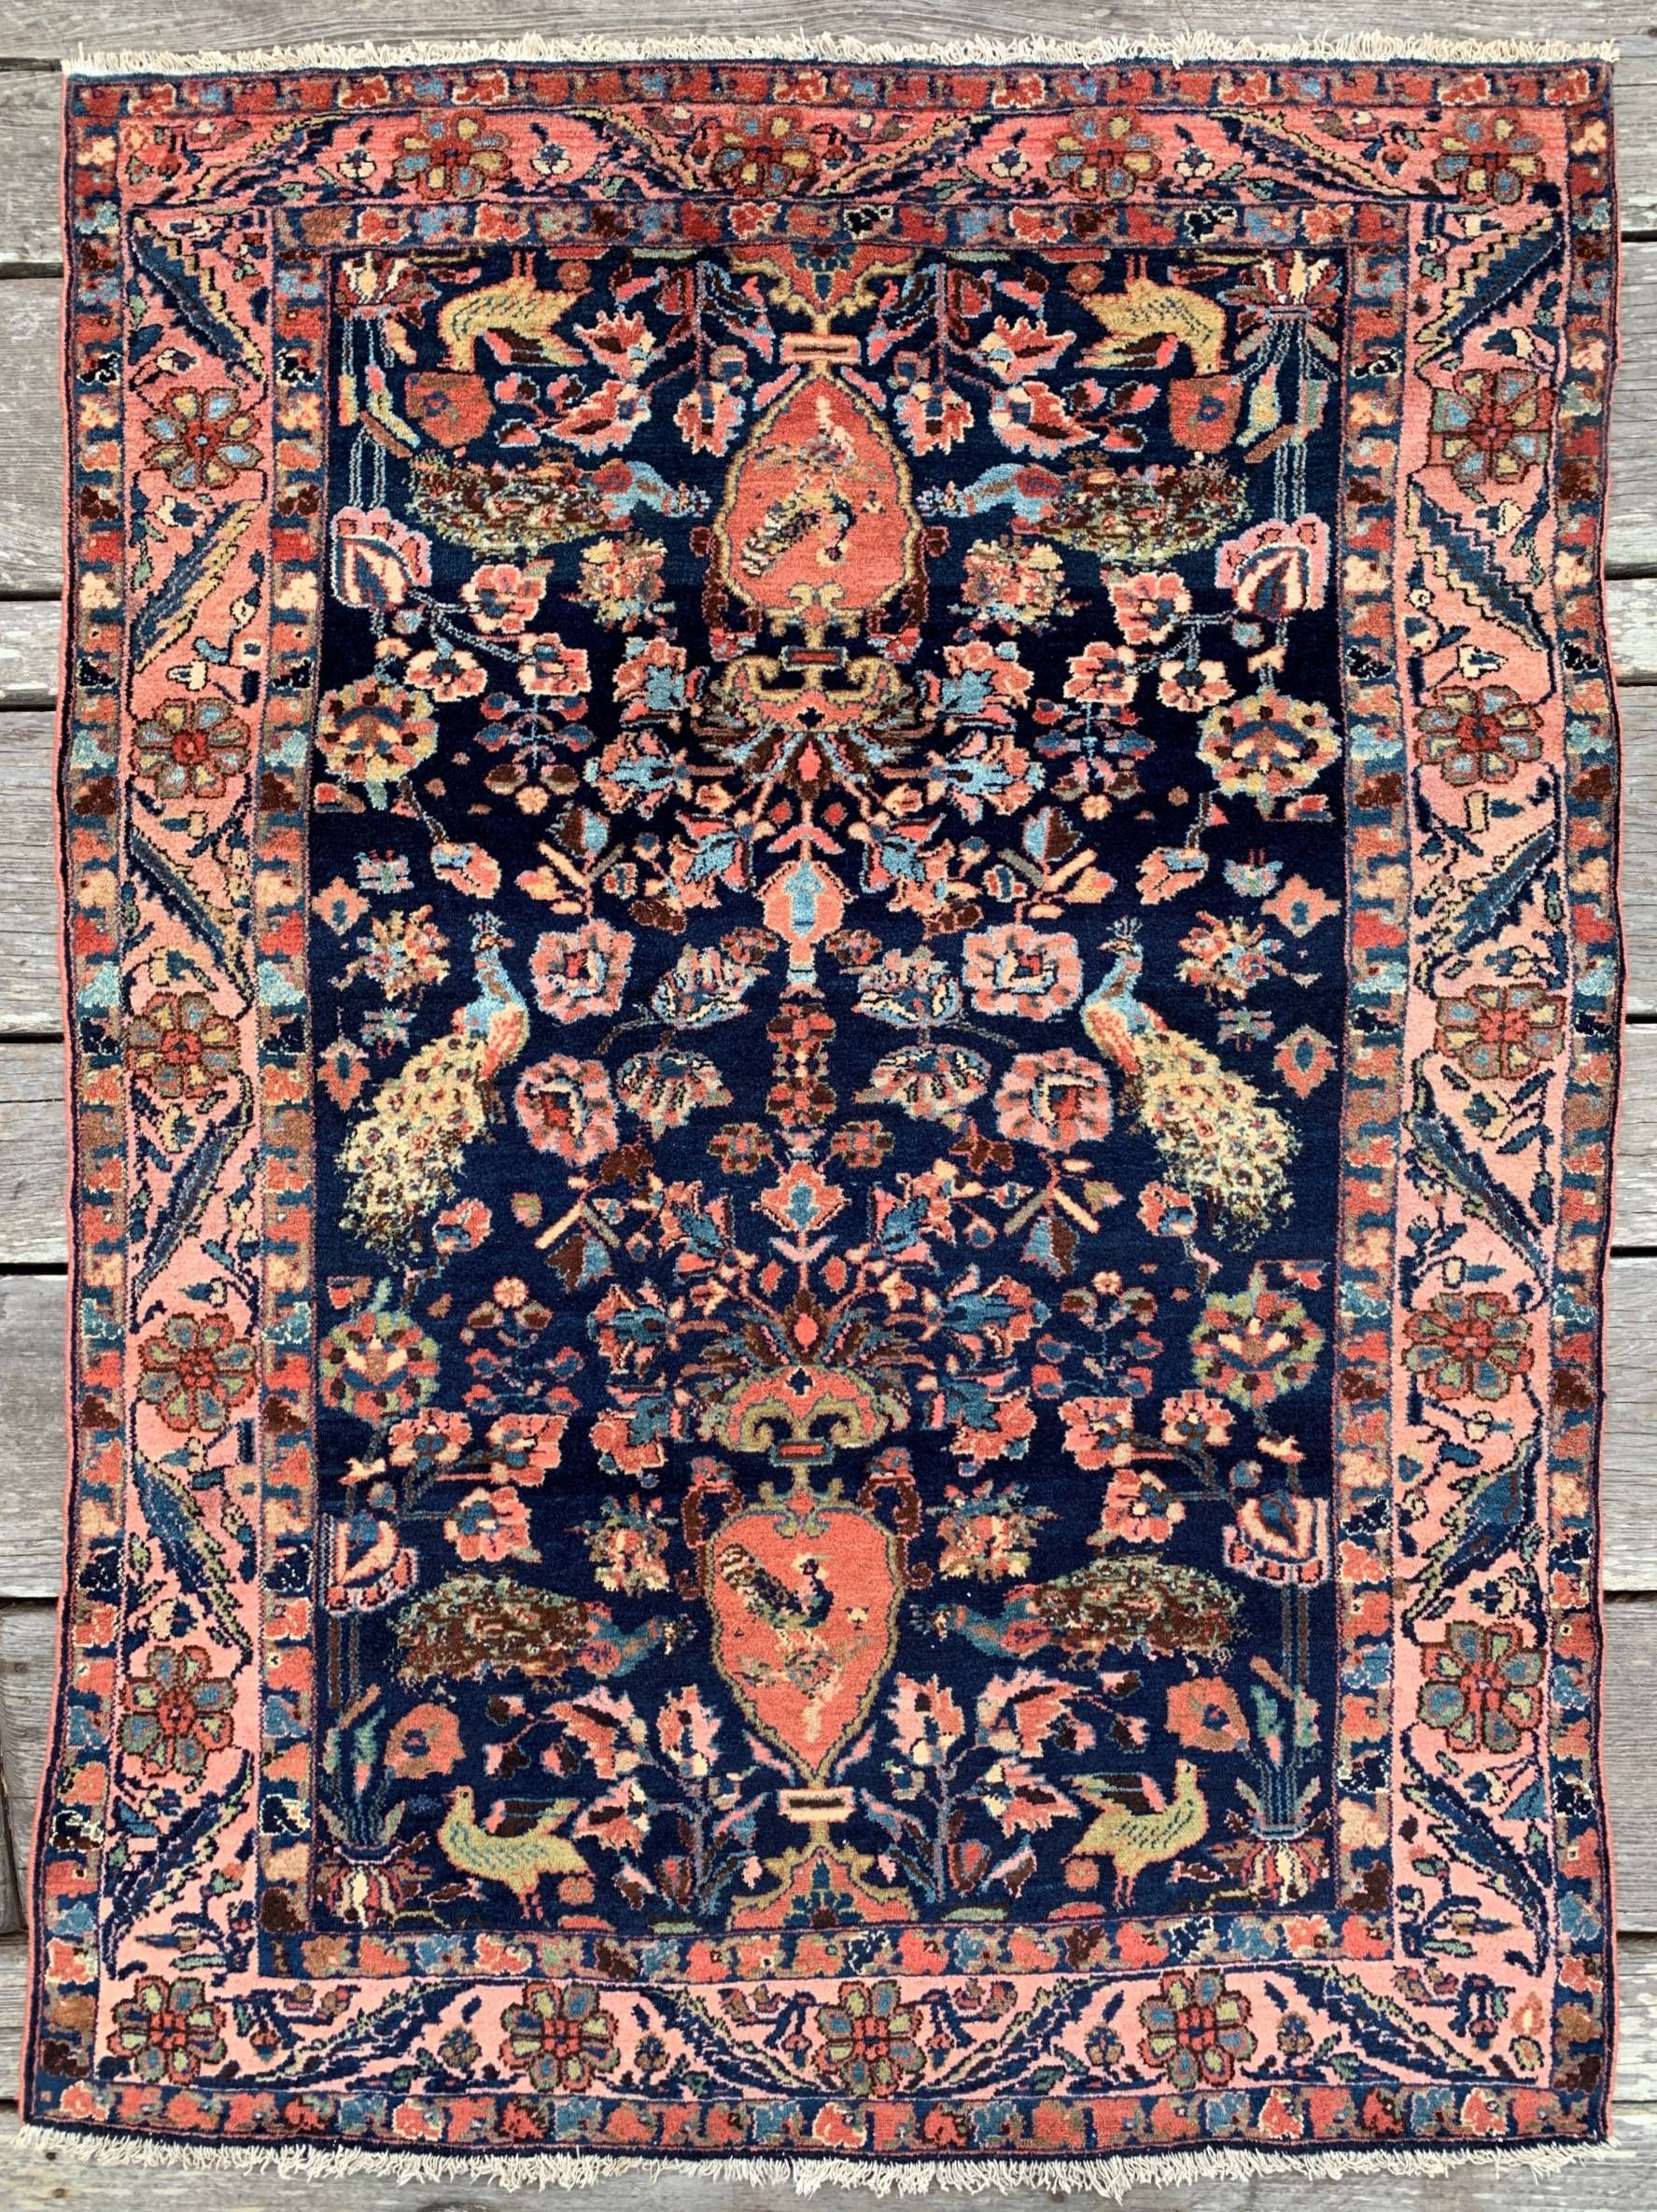 Antique Persian Bakhtiari Rug 4 6 X 6 1 Blue Coral Peacocks Bakhtiari Rugs Rugs Silk Persian Rugs